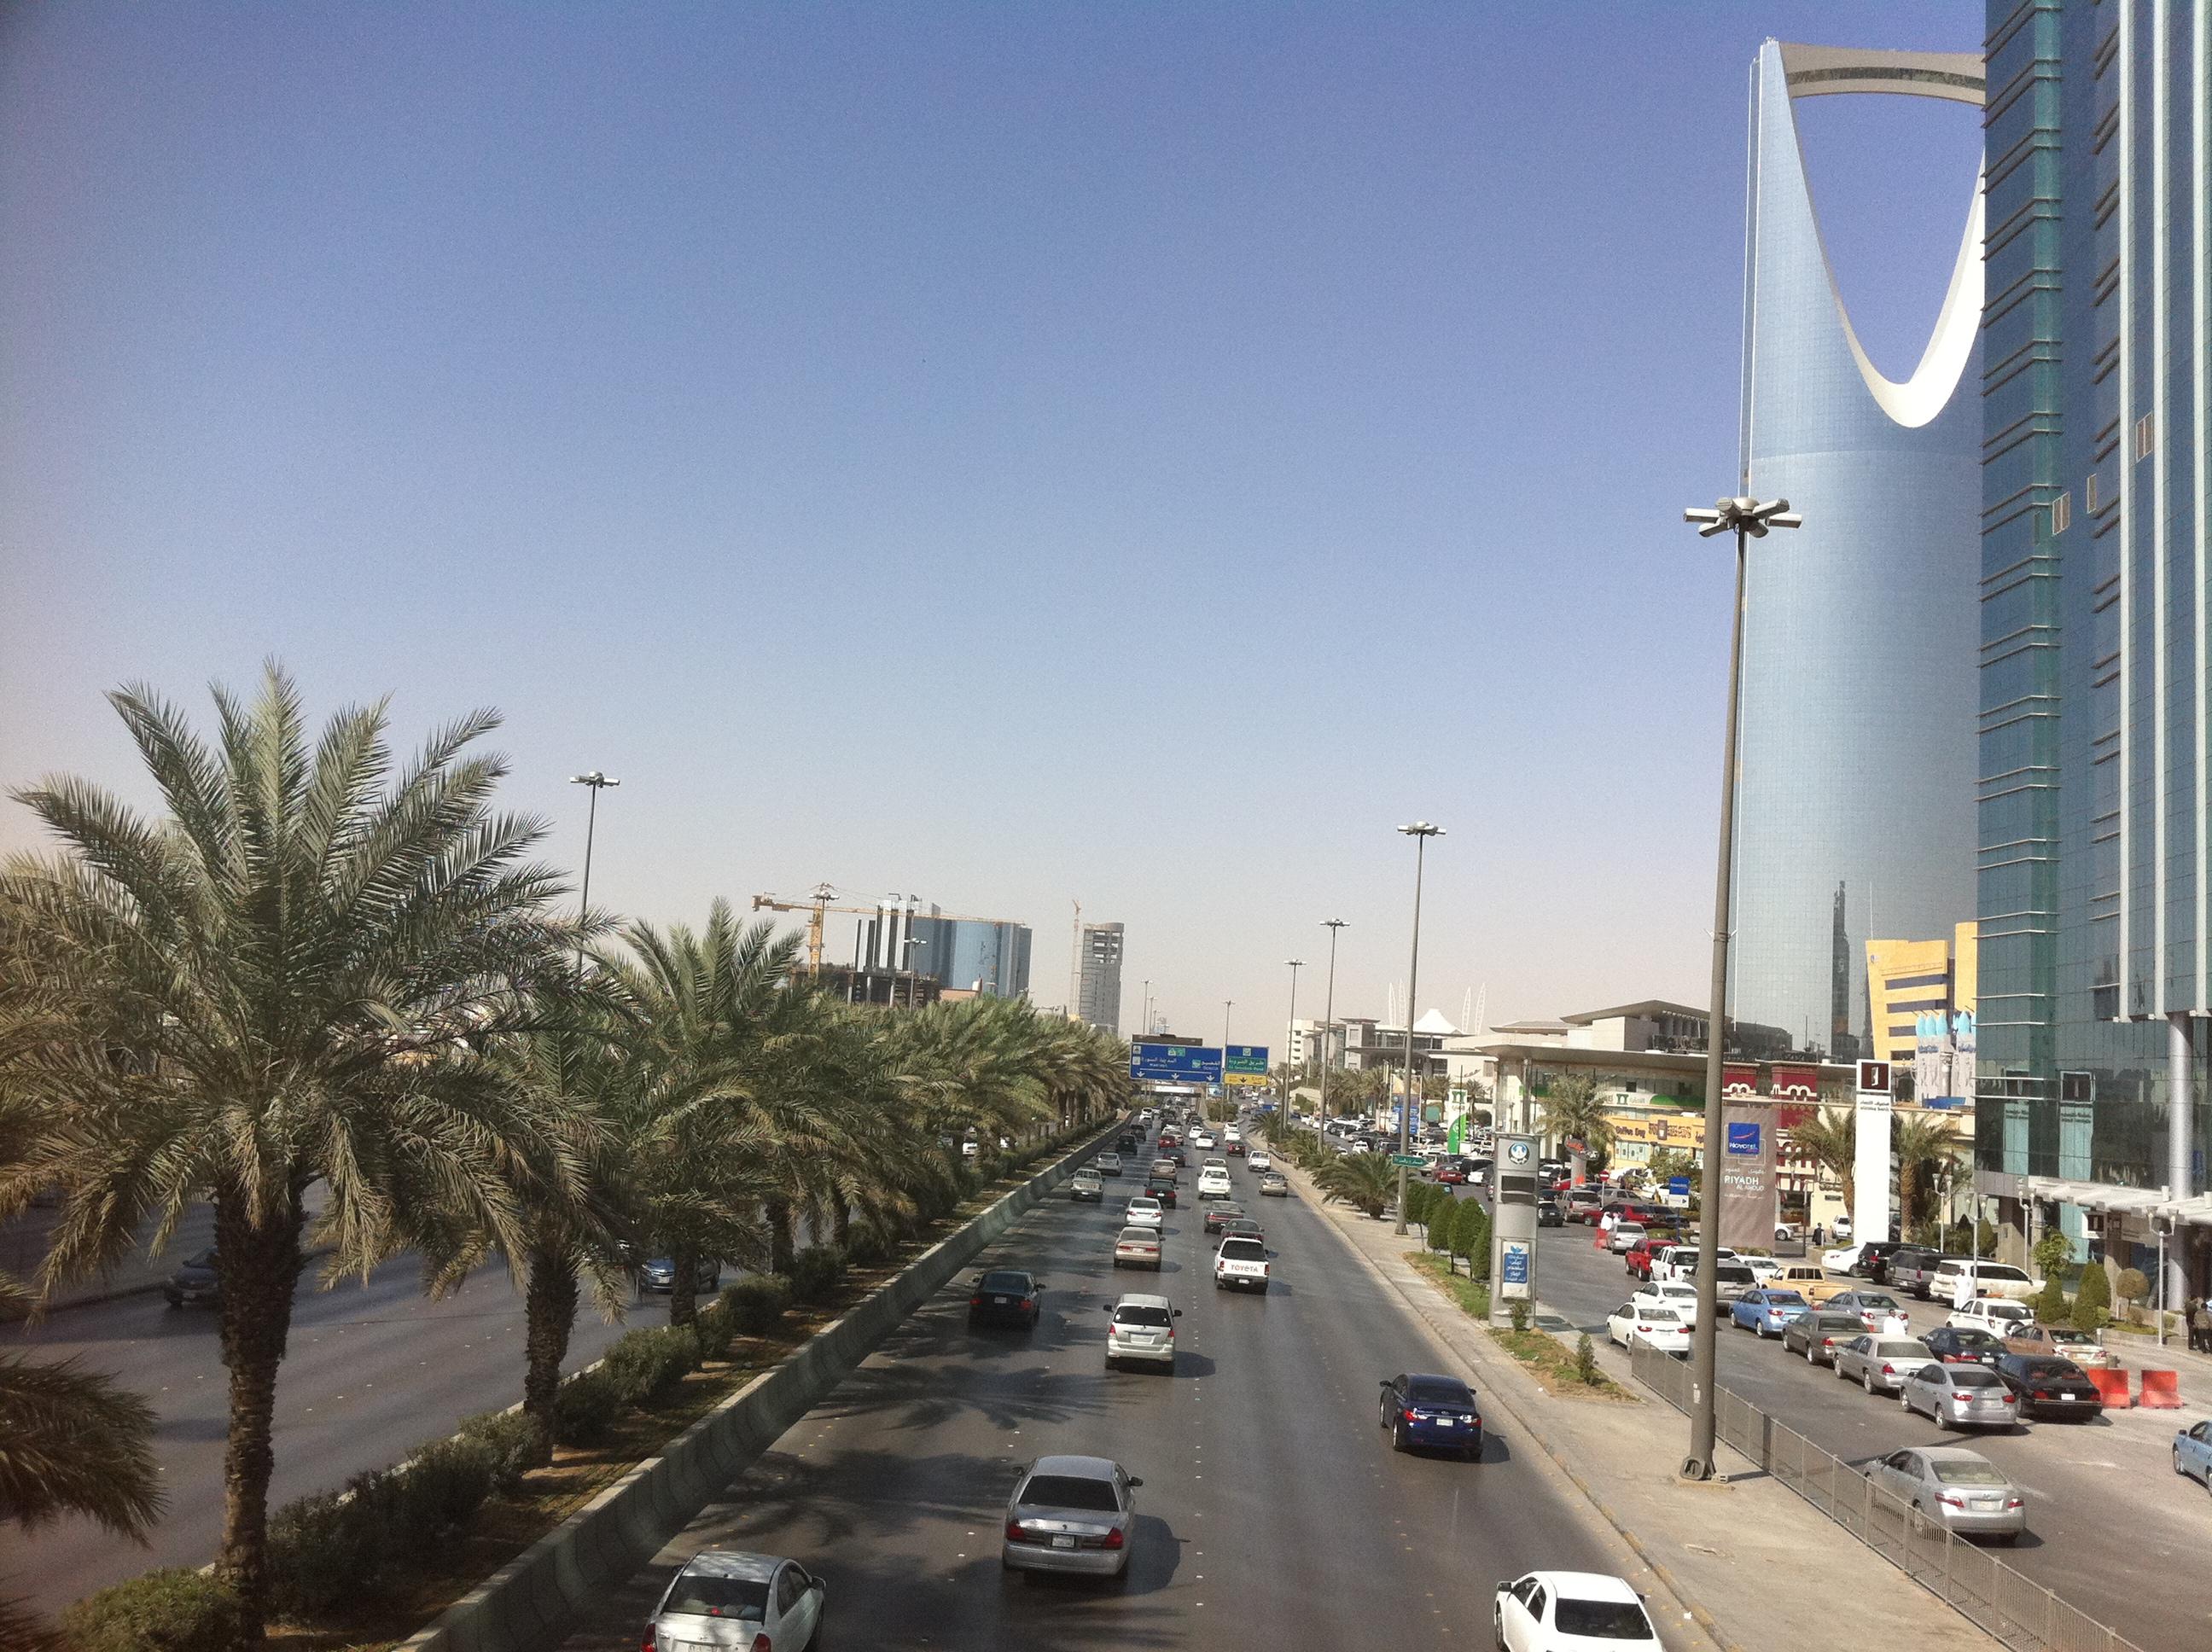 تقرير رائع عن فندق السفير الرياض